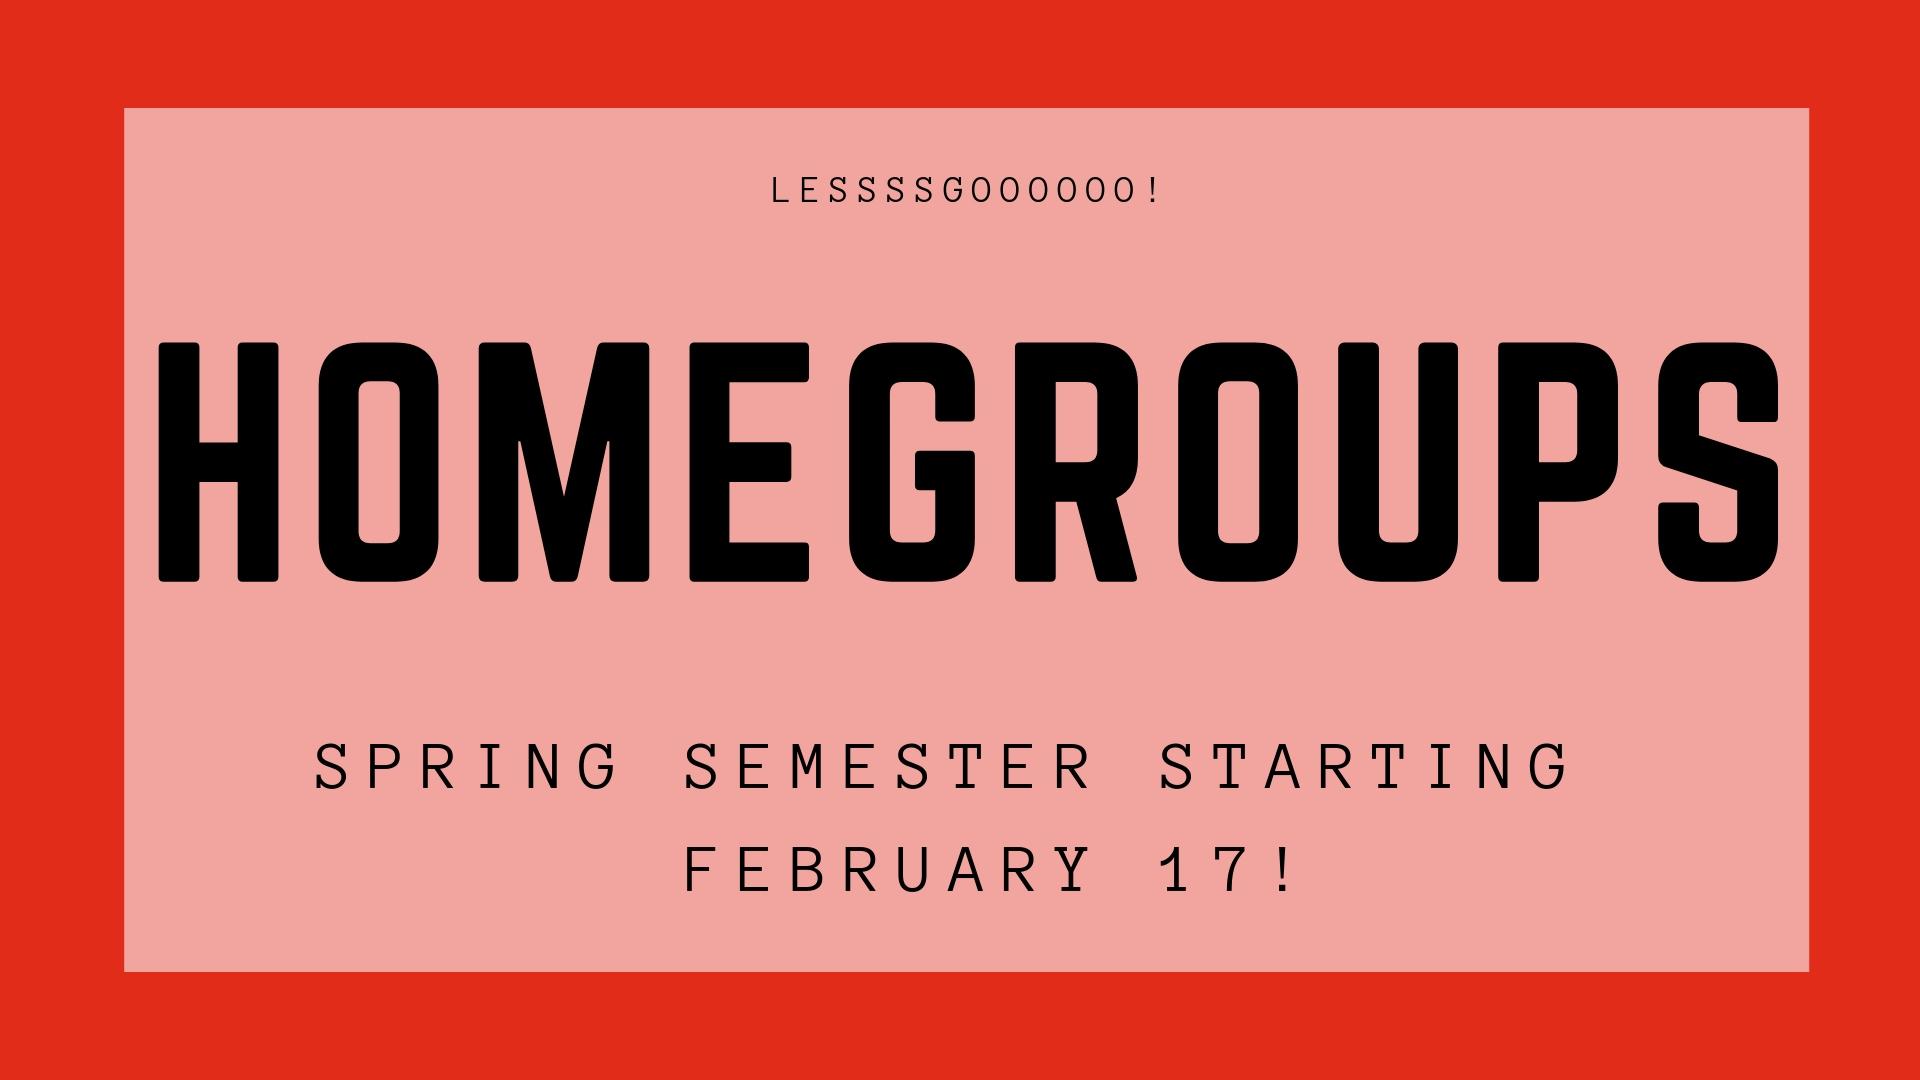 HG spring semester Feb17.jpg